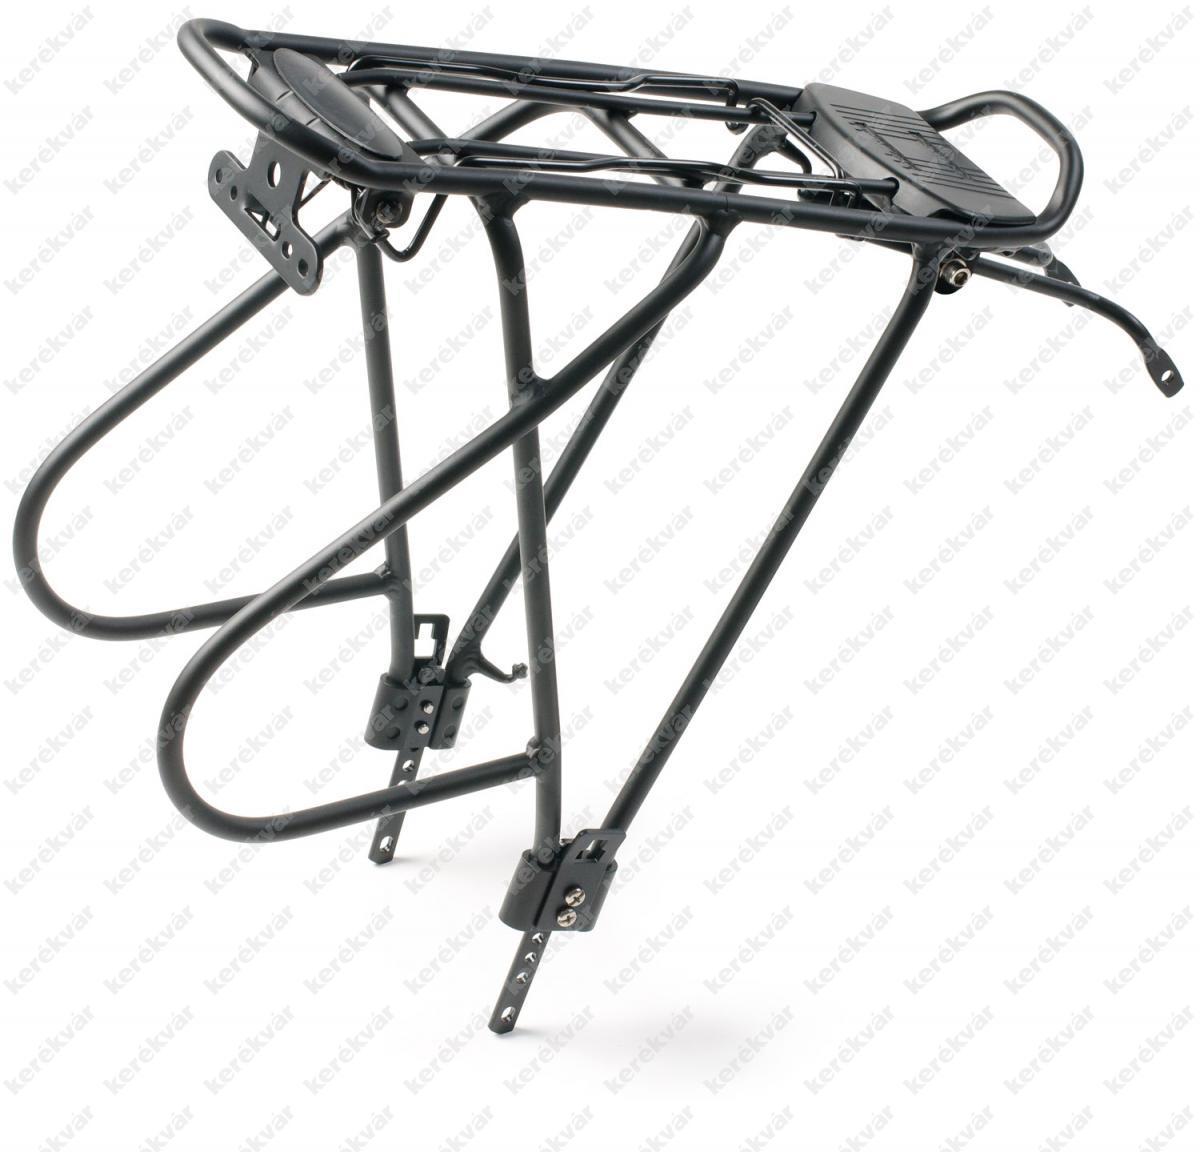 Bikefun Multirack 26 alu csomagtartó állítható fekete